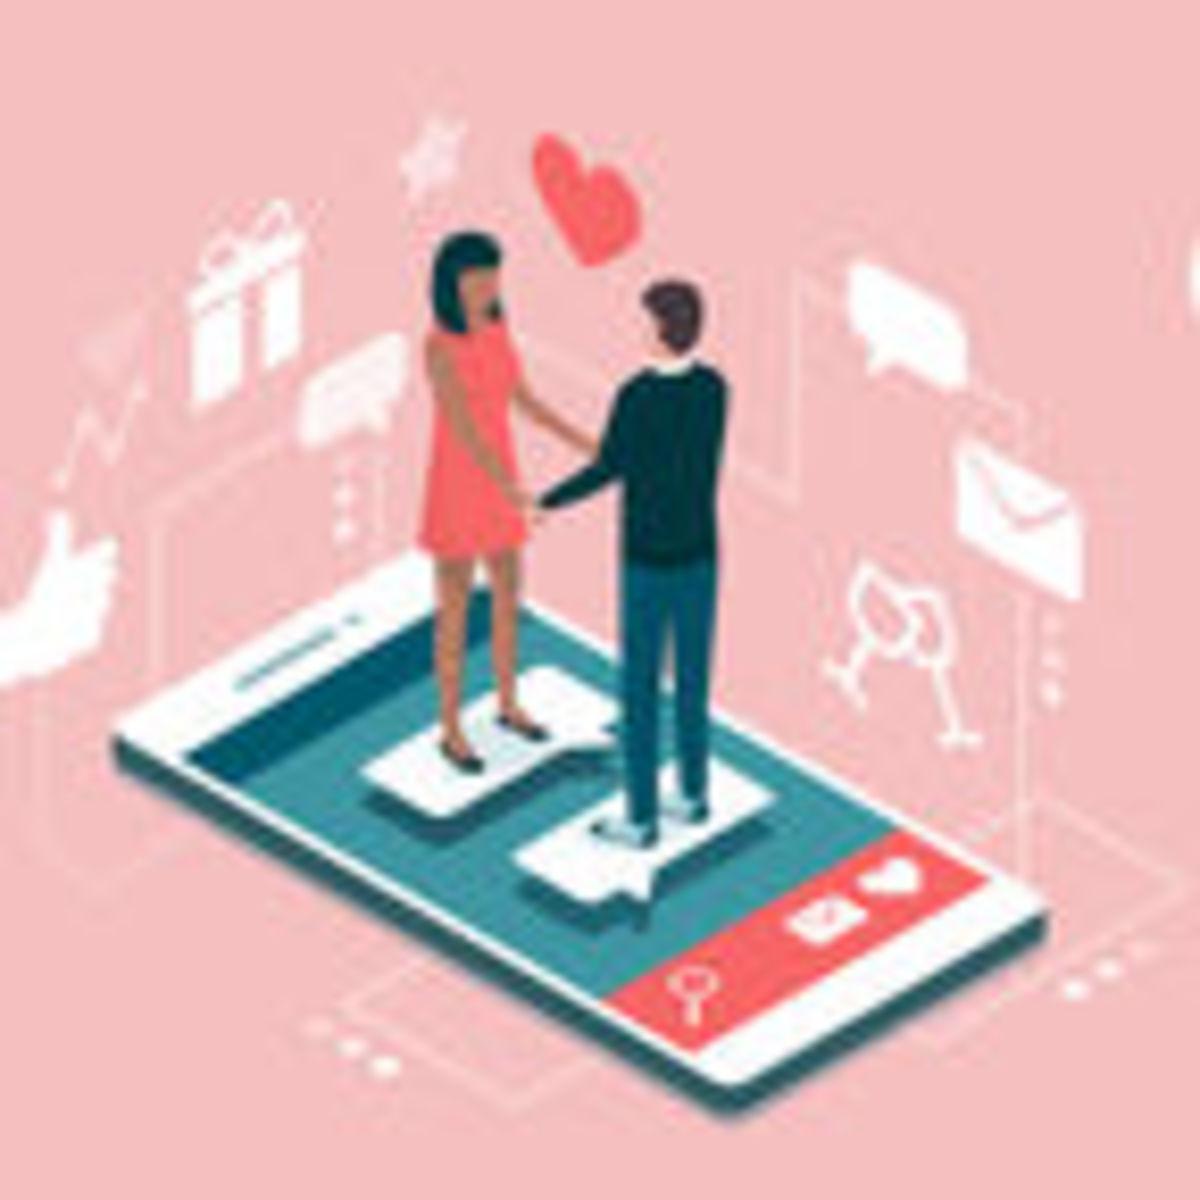 beste dating apps Australia 2016